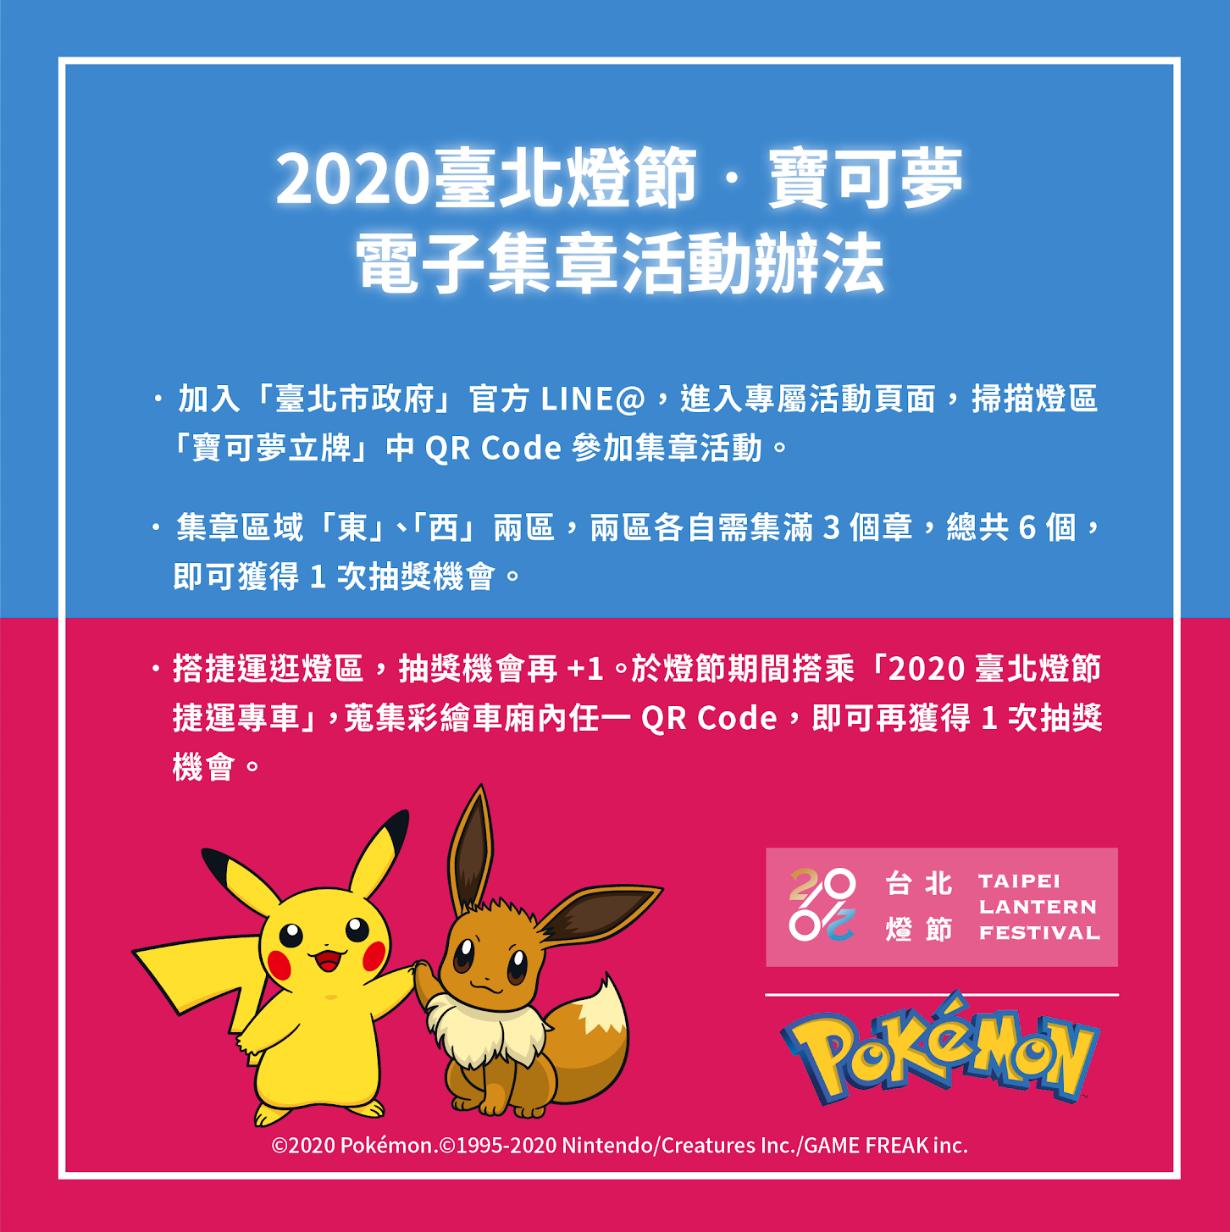 2020 臺北燈節電子集章,漸強實驗室用 LINE 串起來